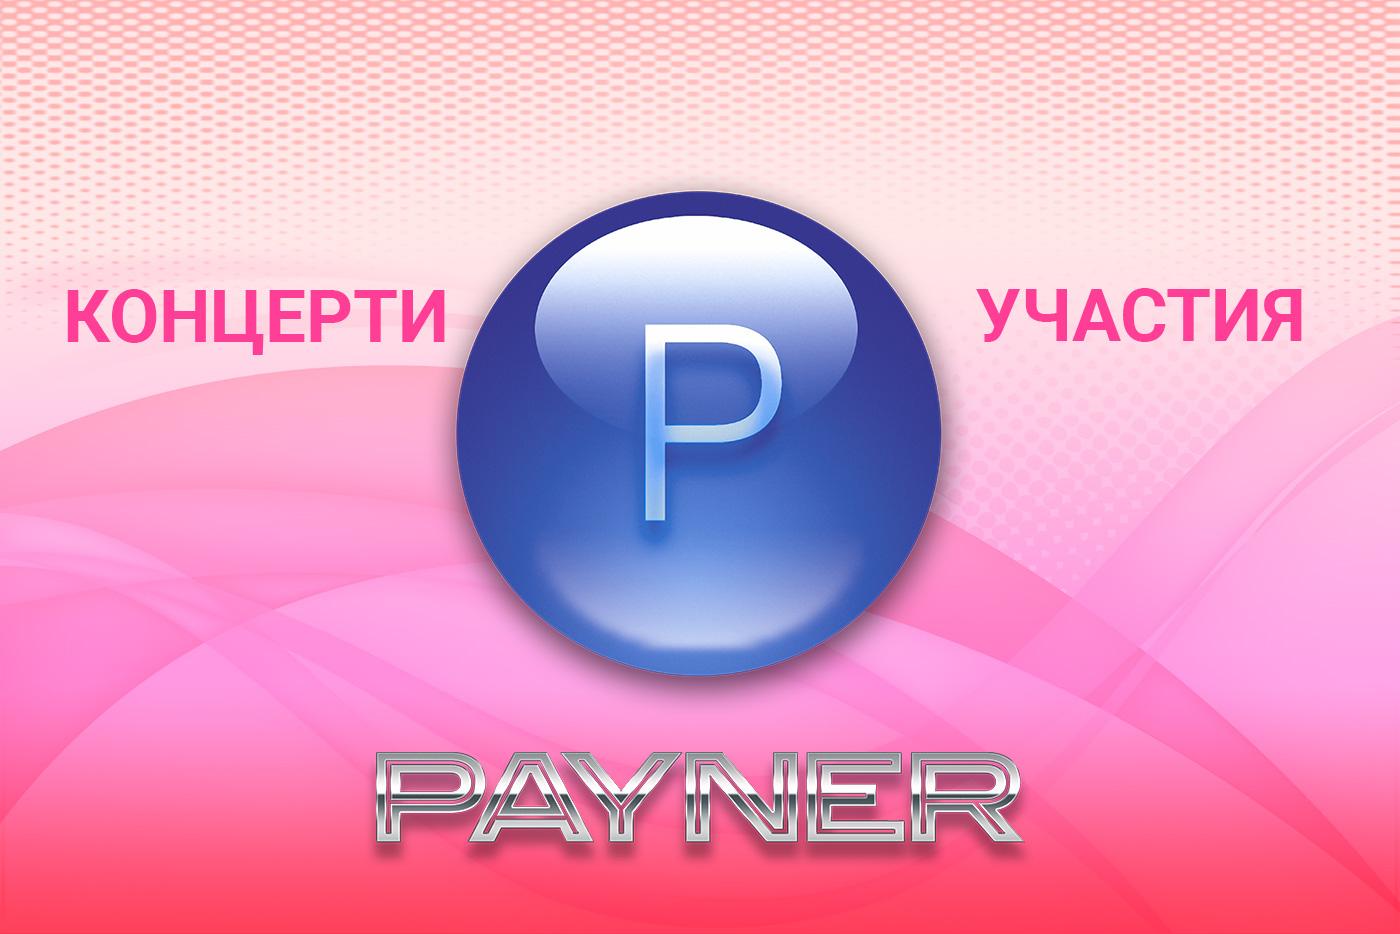 """Участия на звездите на """"Пайнер"""" на 22.01.2019"""